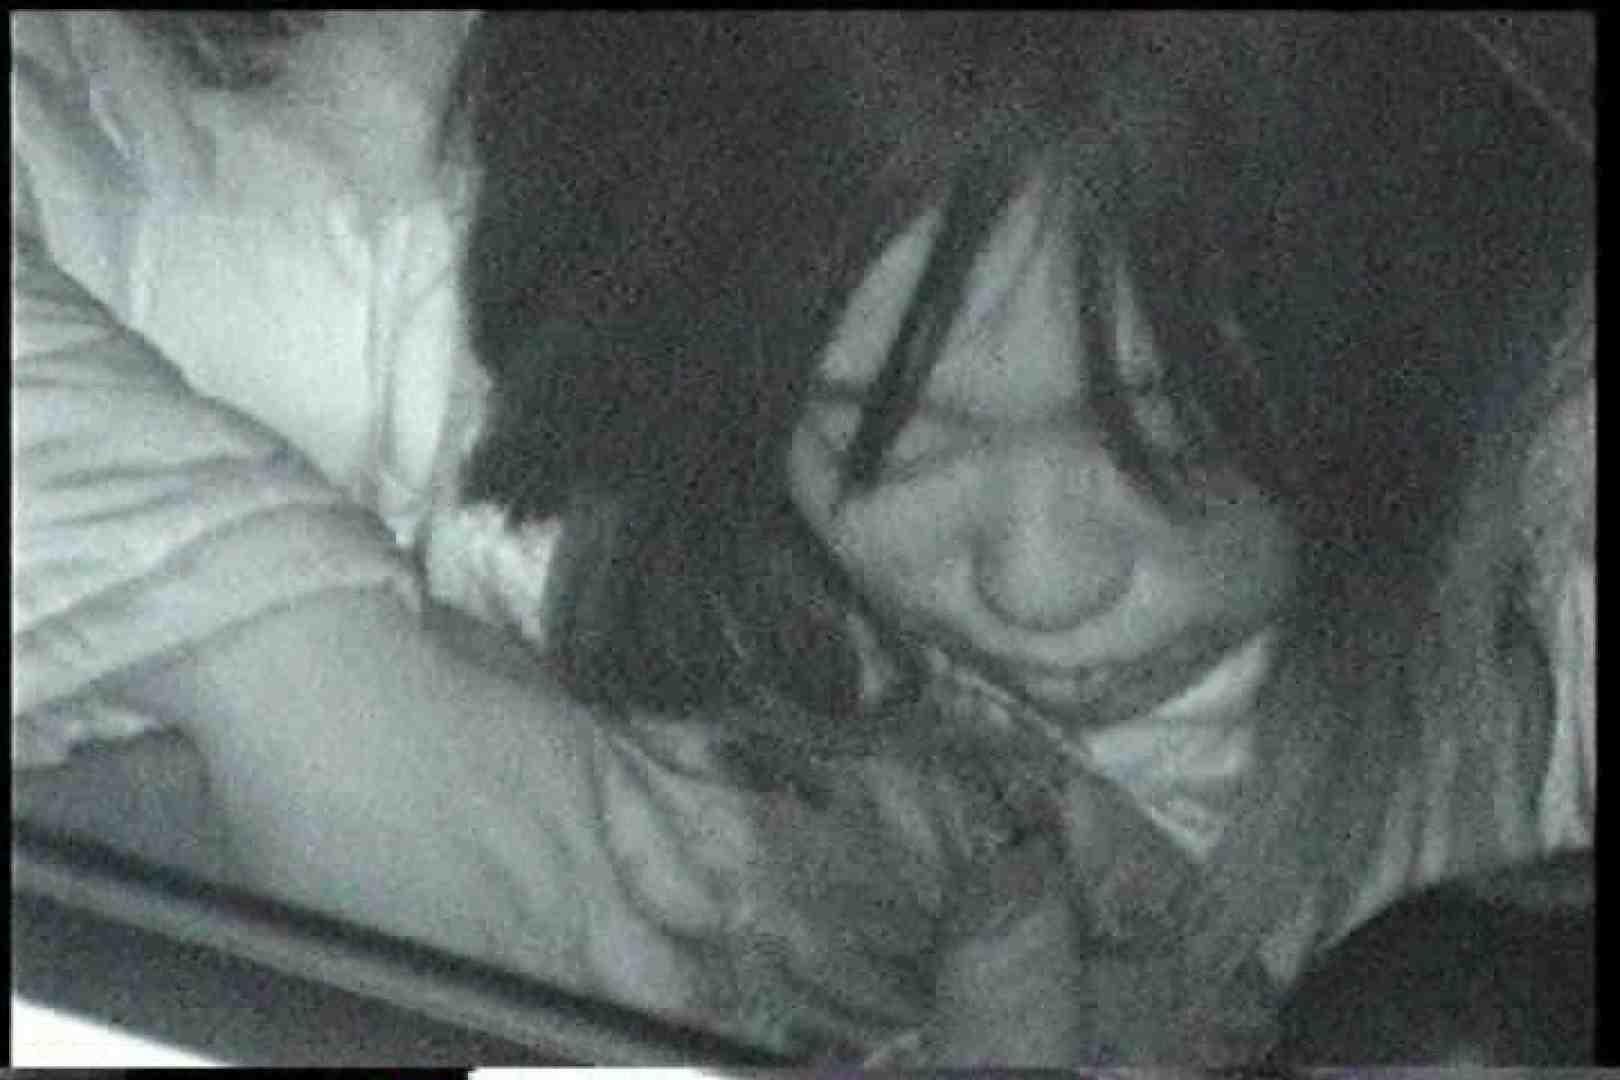 充血監督の深夜の運動会Vol.165 OLエロ画像  105PICs 50